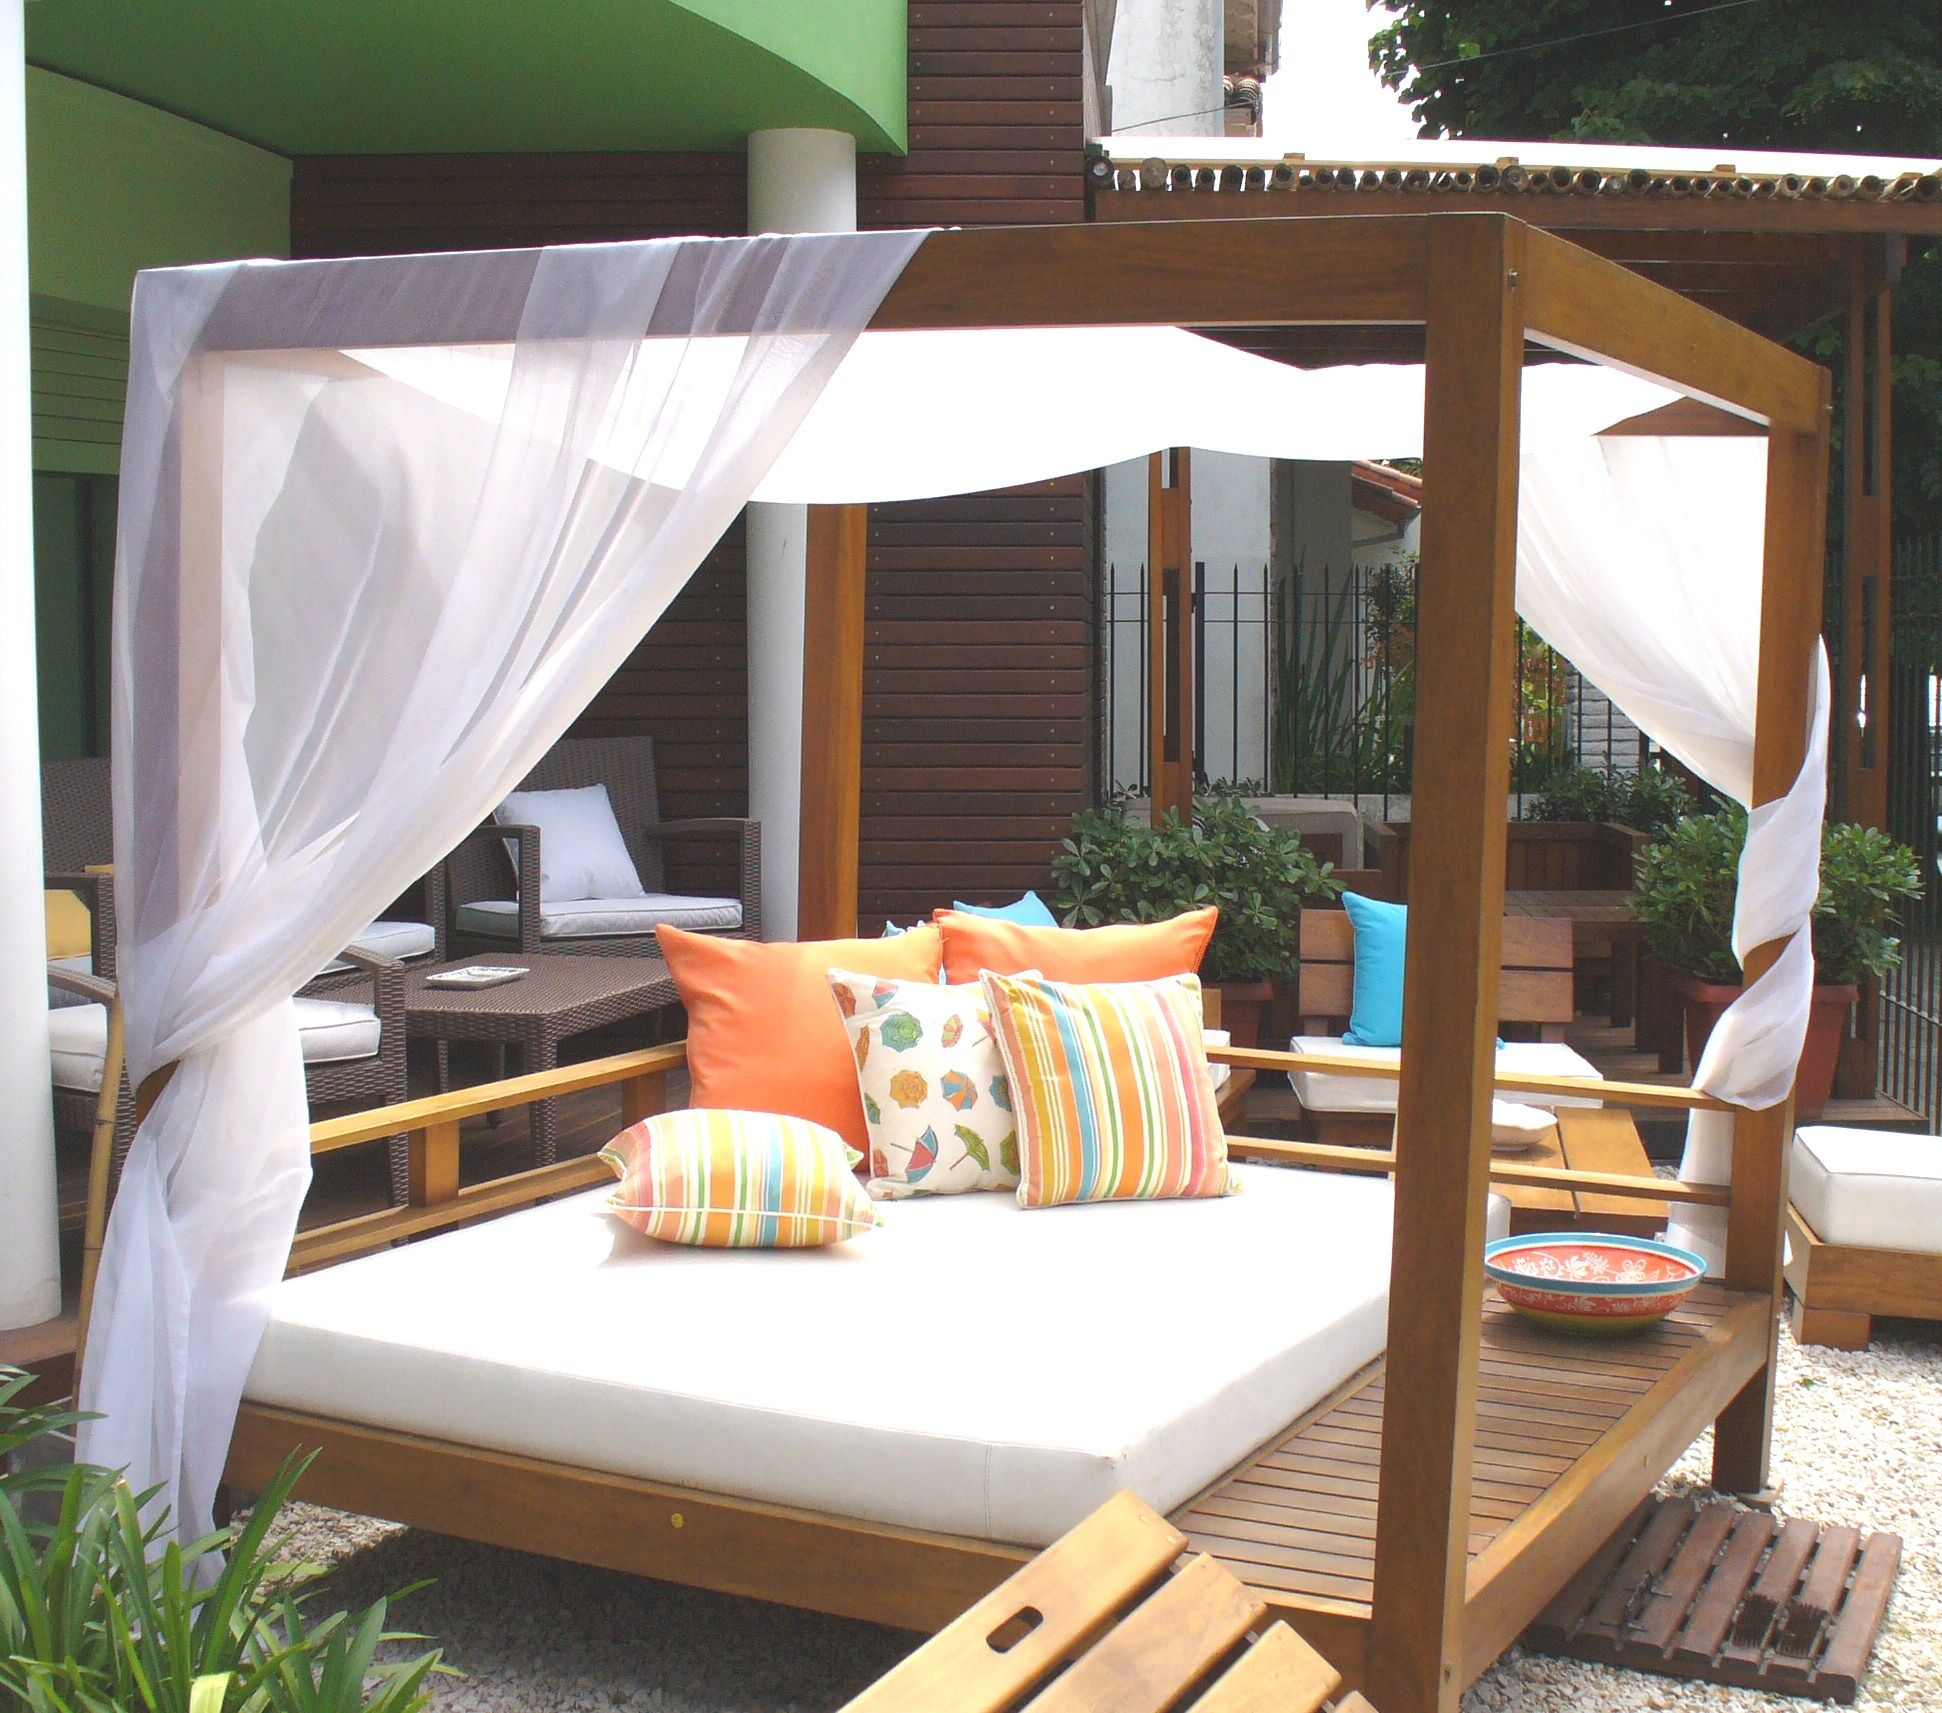 Outdoor bed cabana - Camastro Bali Con Un C Modo Colch N Que Deja Deja Un Espacio Del Mueble A Modo